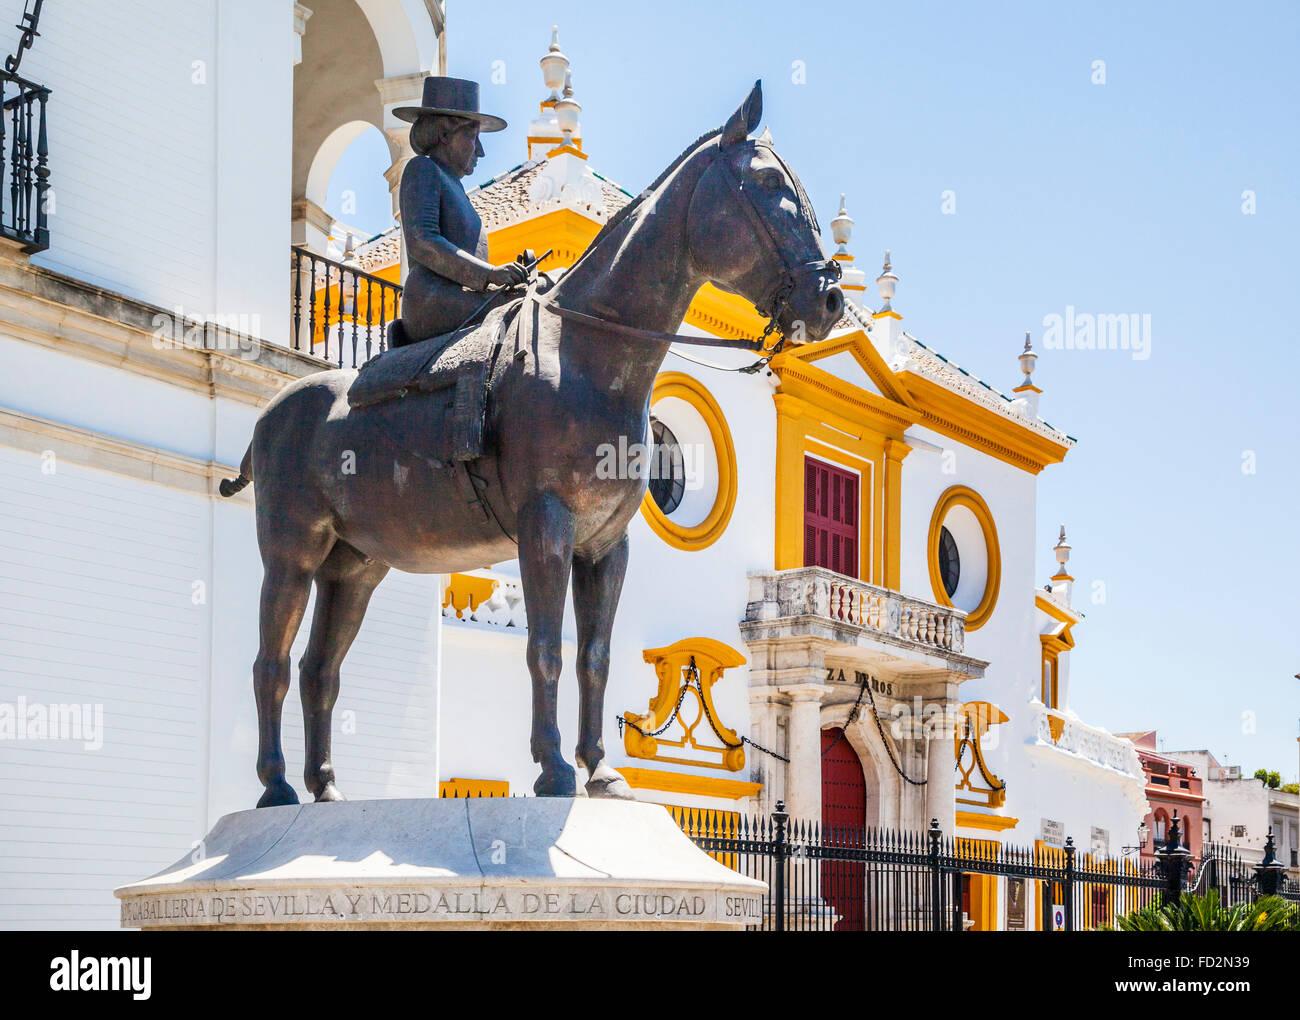 Spain, Andalusia, Province of Seville, Seville, equestrian statue of La Augusta Senora Condesa de Barcelona at Sevilles - Stock Image